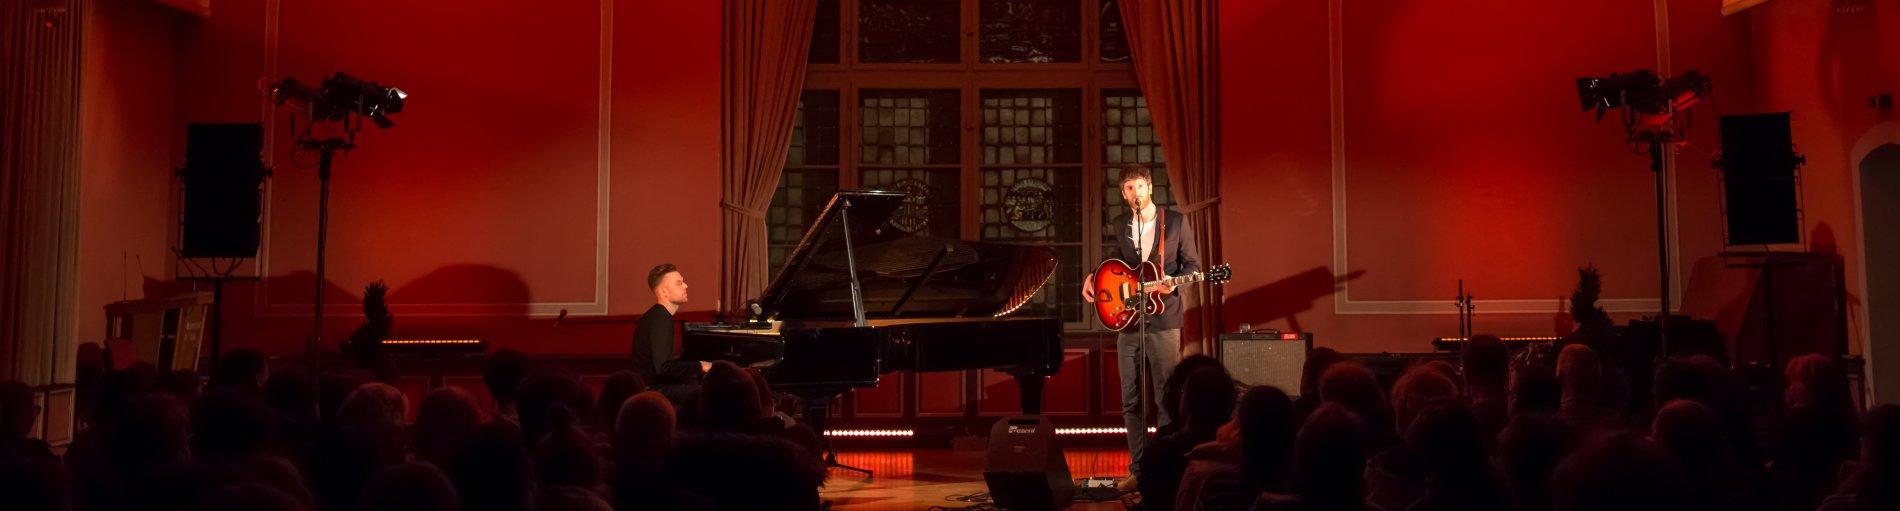 Ein Pianist und ein Gitarist in einem festlich beleuchteten Saal.